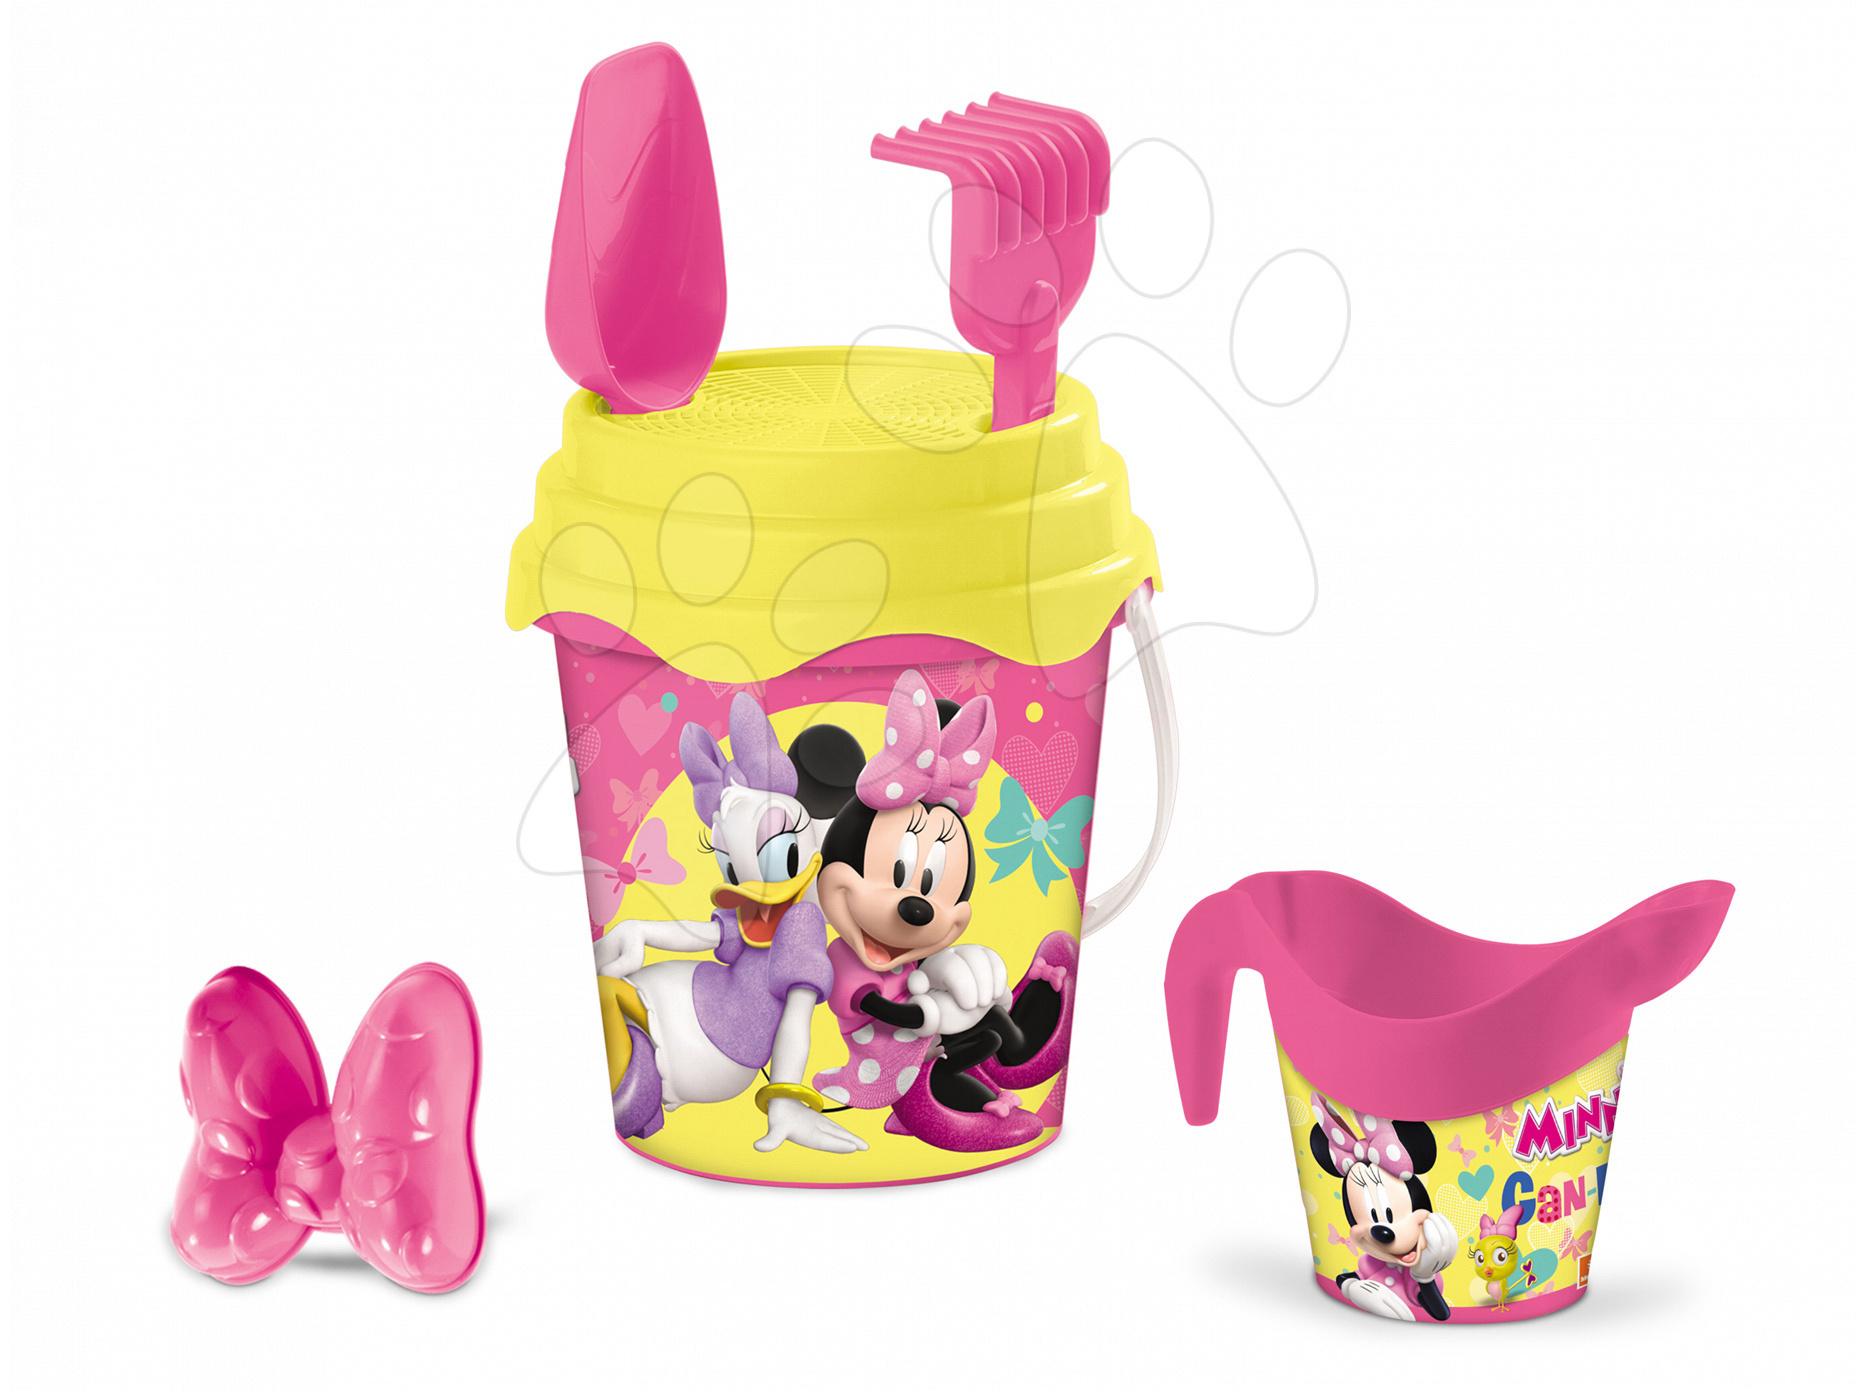 Kbelík set s konví Minnie Mouse Mondo 5 dílů (výška 17 cm) od 18 měsíců